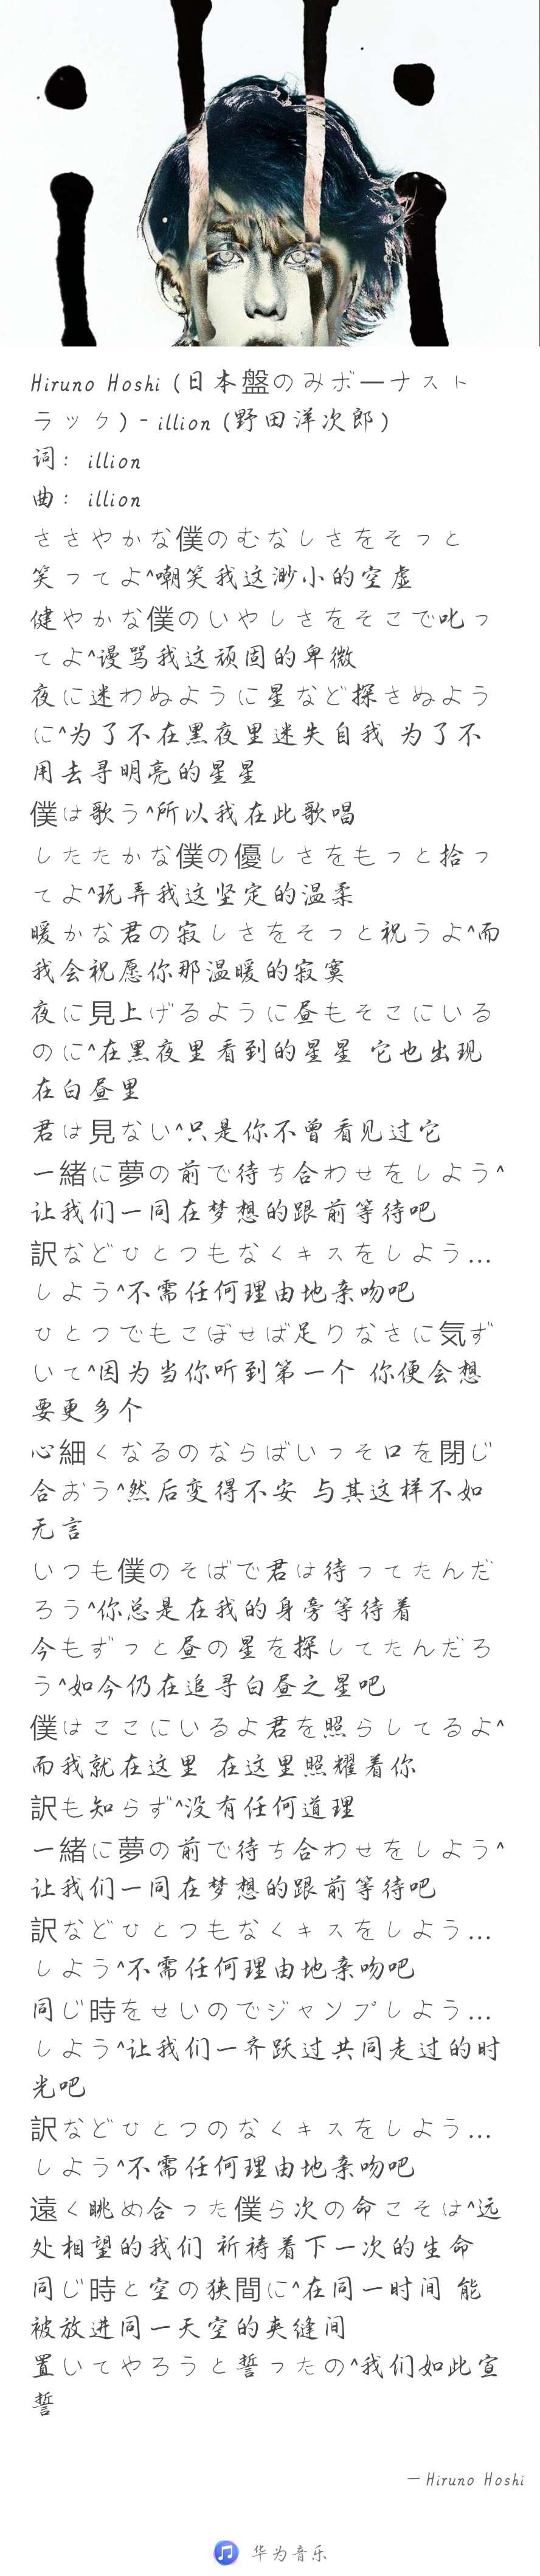 【音乐】Hiruno Hoshi